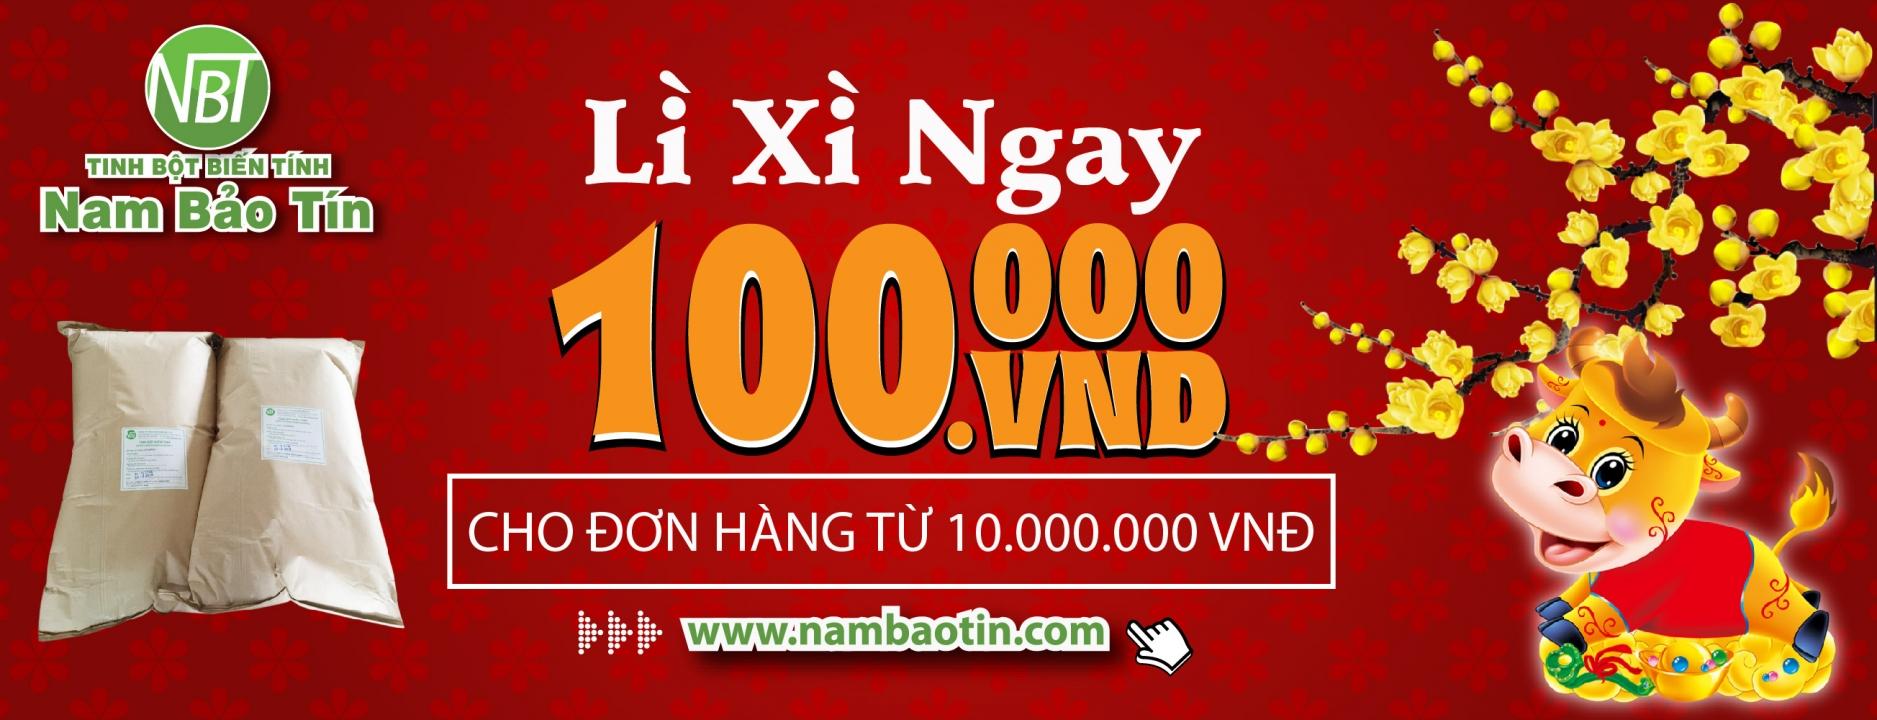 Vui Tết Tân Sửu Nhận Ngay Lì Xì - Nam Bảo Tín